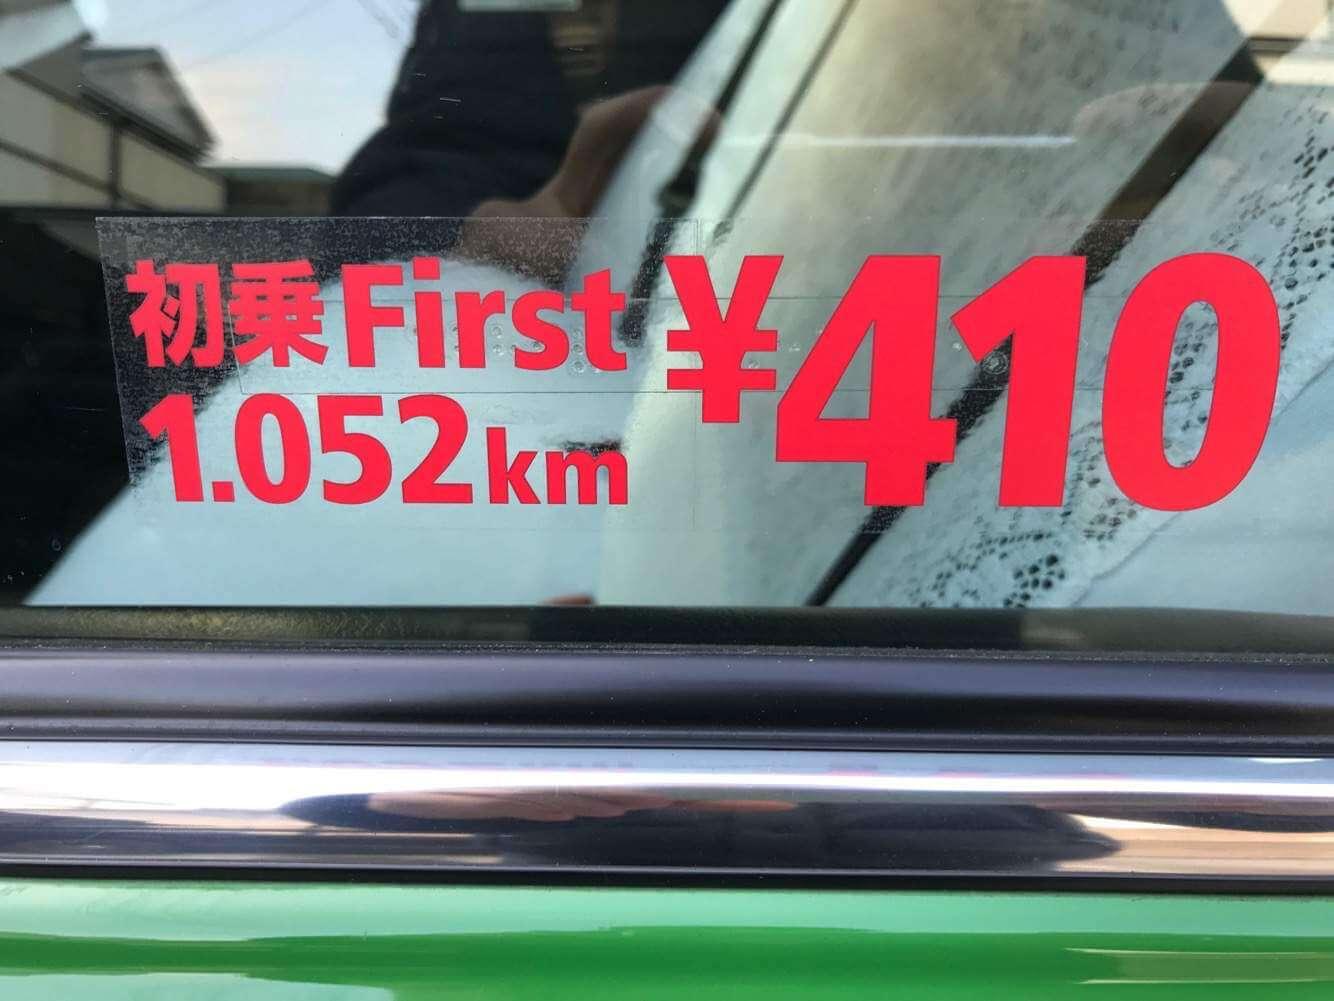 初乗り運賃410円初日の乗務。意識して営業すれば初乗り短縮でも稼げるはず!【乗務記録153日目】